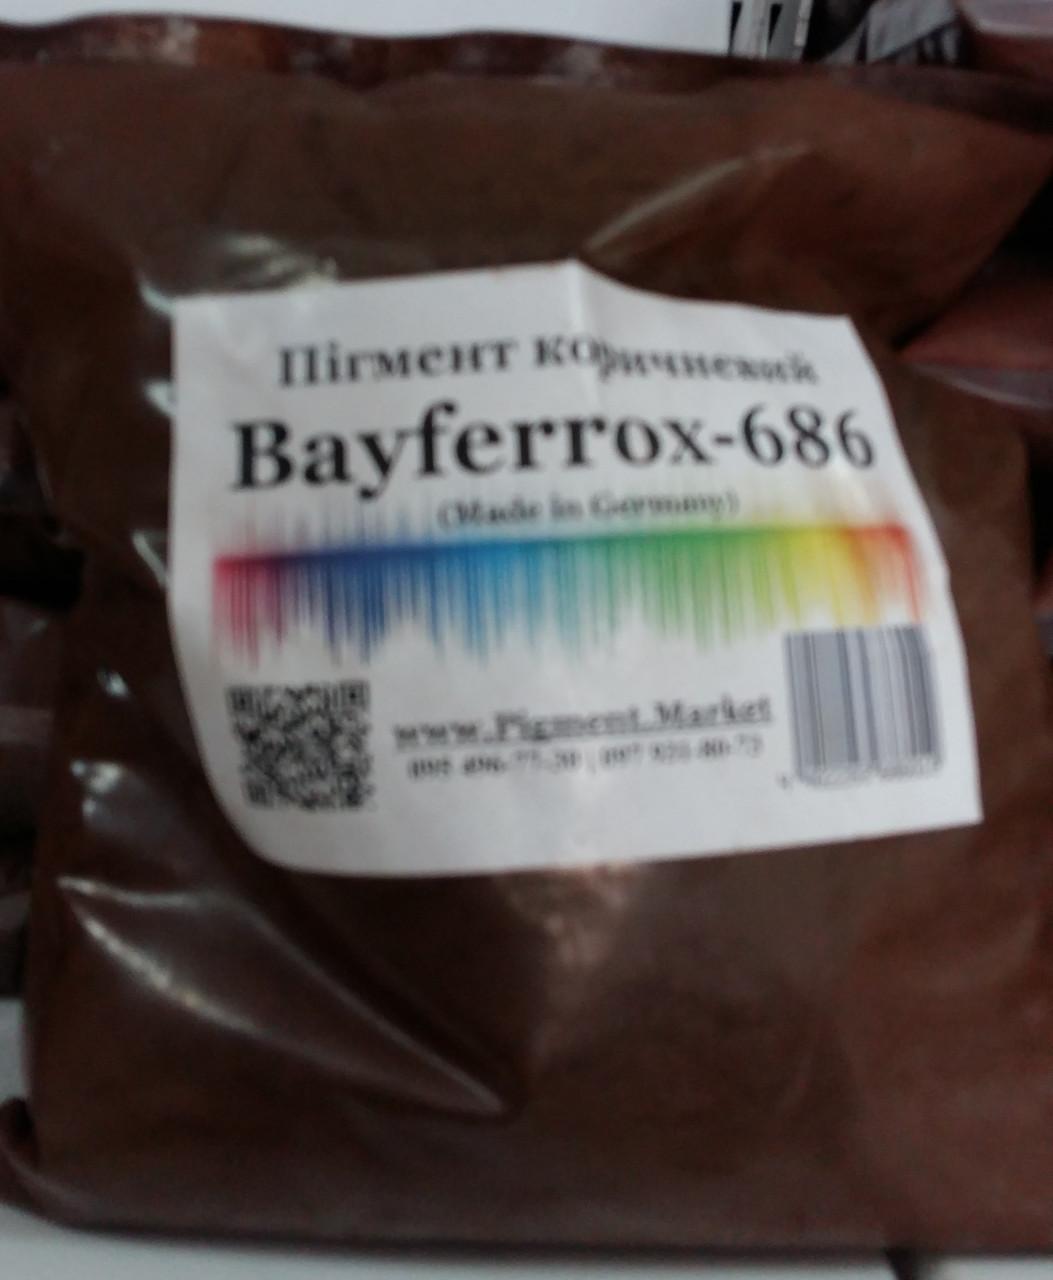 MultiChem. Коричневий Bayferrox-686, 1 кг. Краситель железоокисный для бетона и тротуарной плитки., фото 1